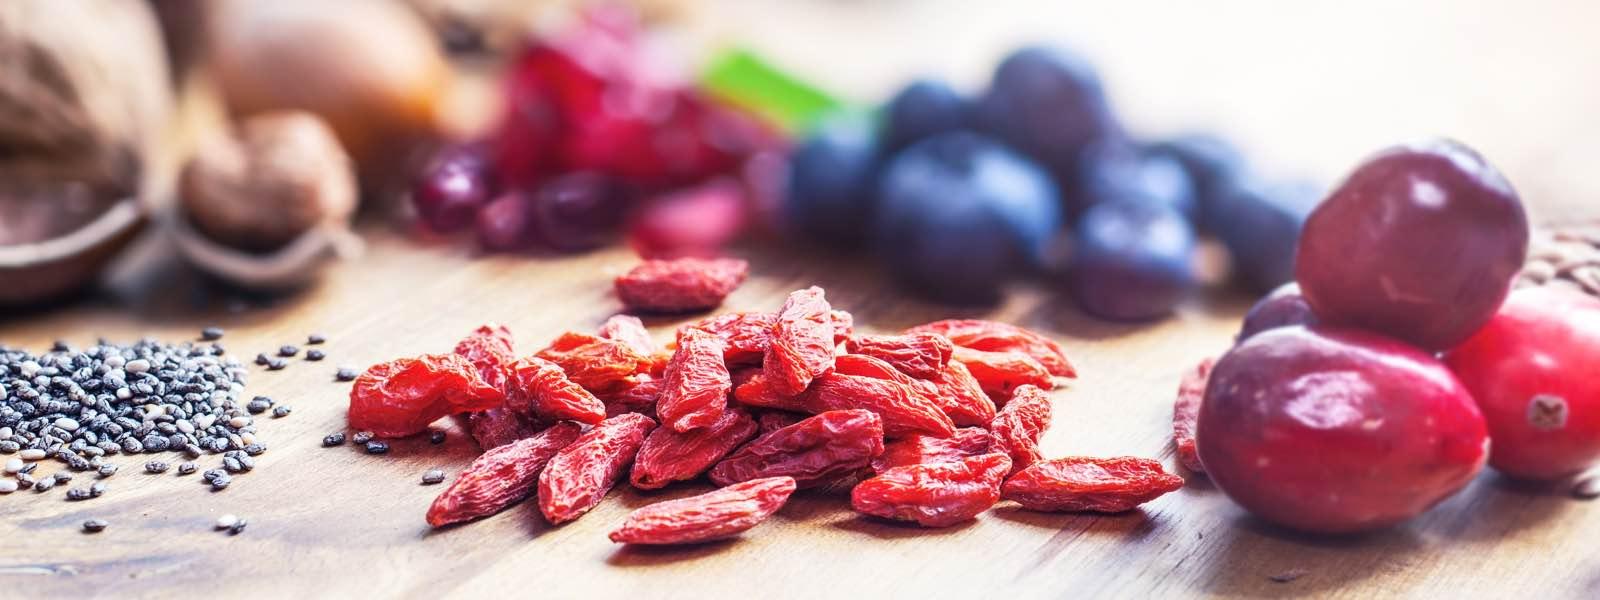 proprietà e benefici dei superfood sul Blog di FruttaWeb.com